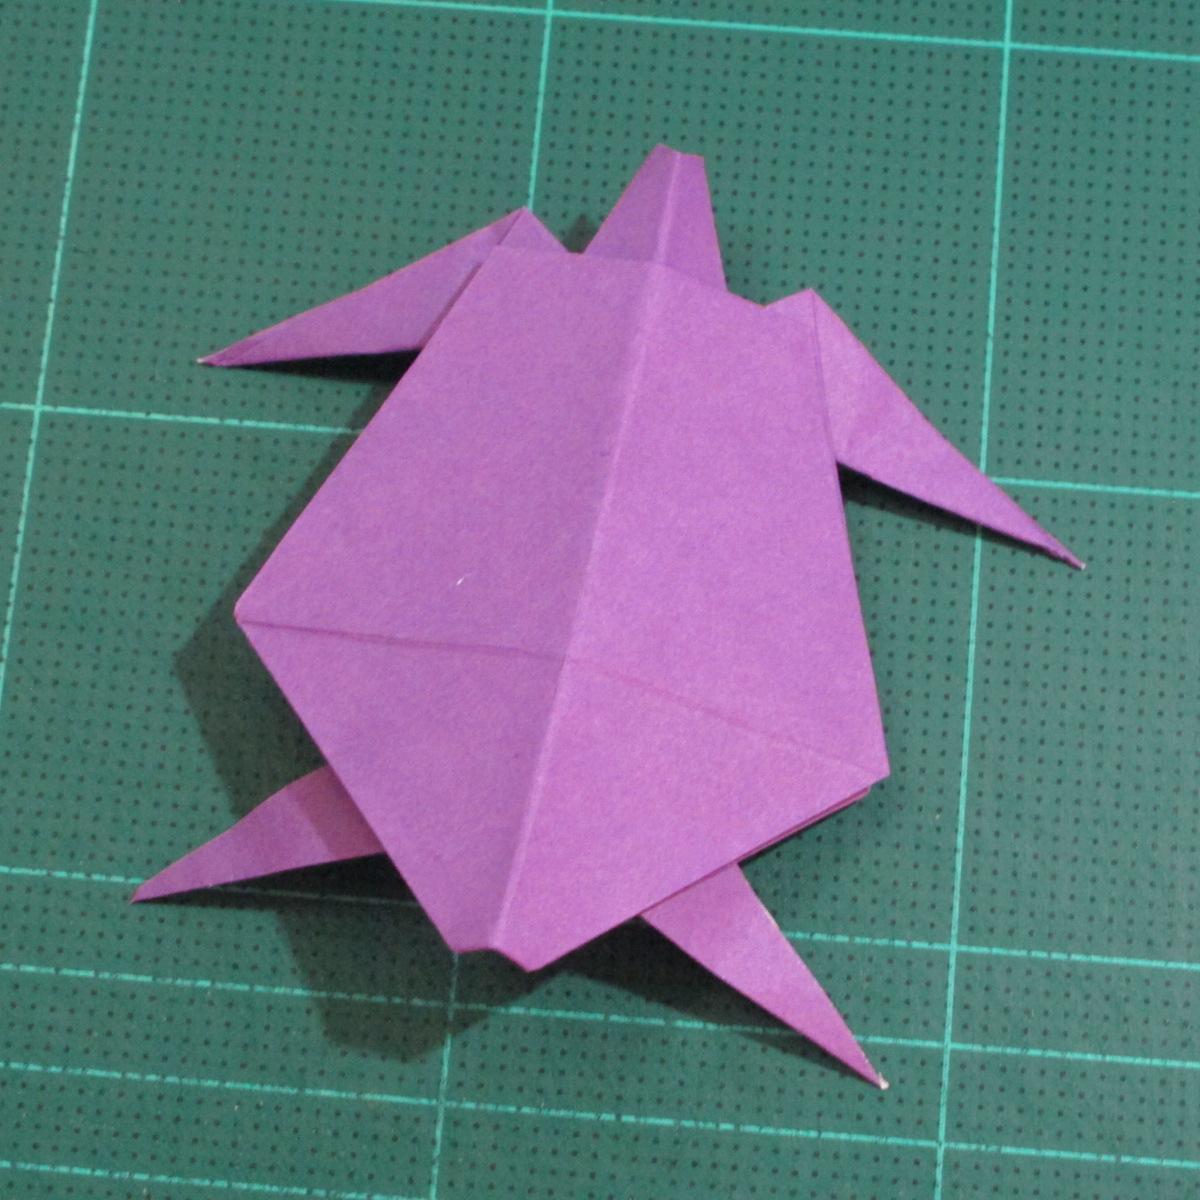 วิธีพับกระดาษเป็นรูปเต่าแบบง่าย (Easy Origami Turtle) 018